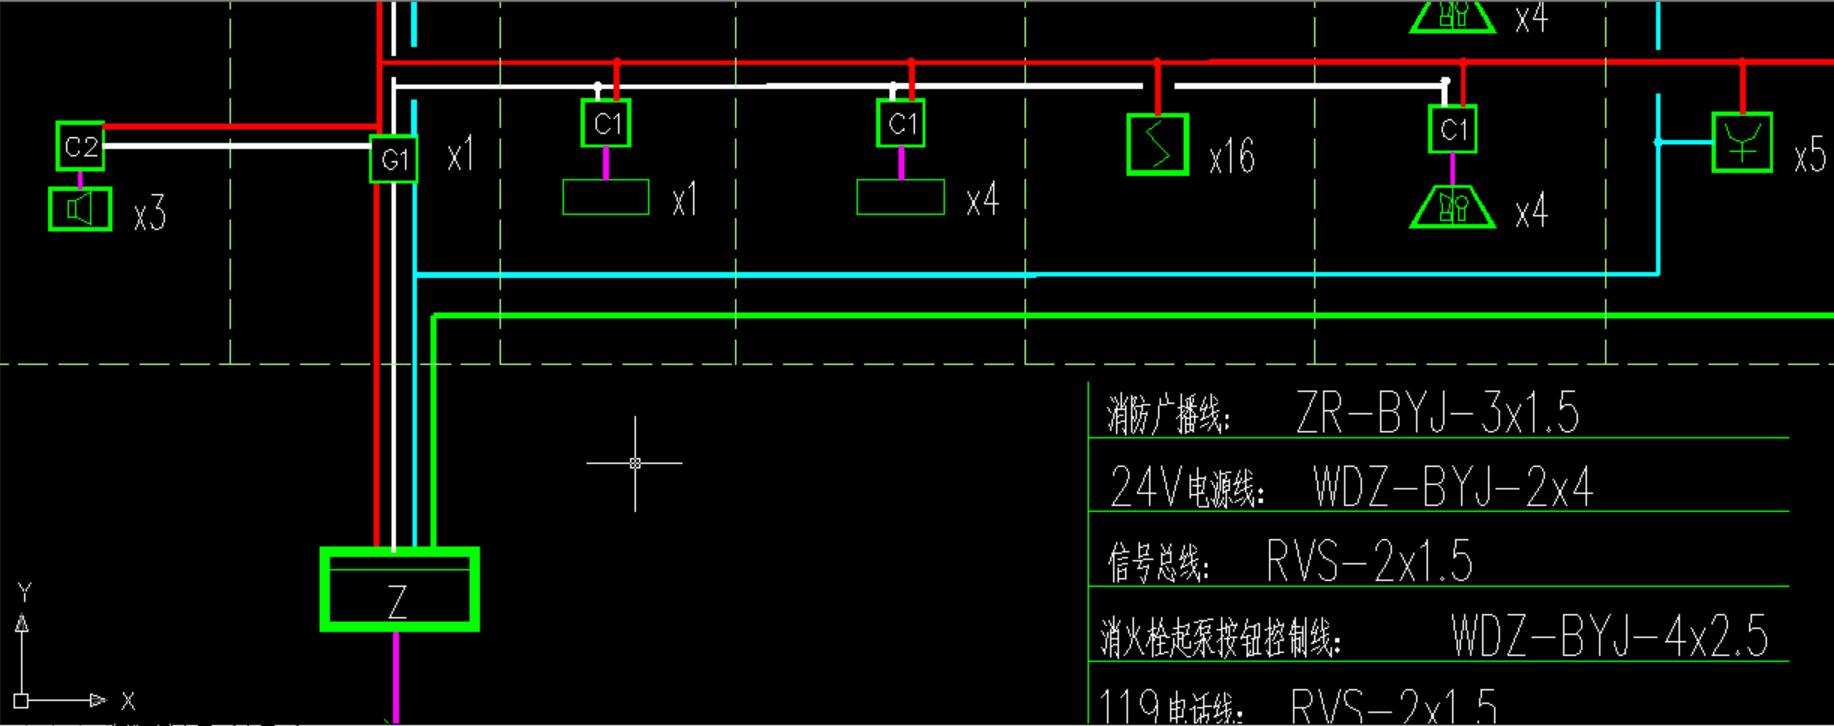 这种情况中,烟感与消防泵控制按钮是从总线隔离器接出来还是从总控制